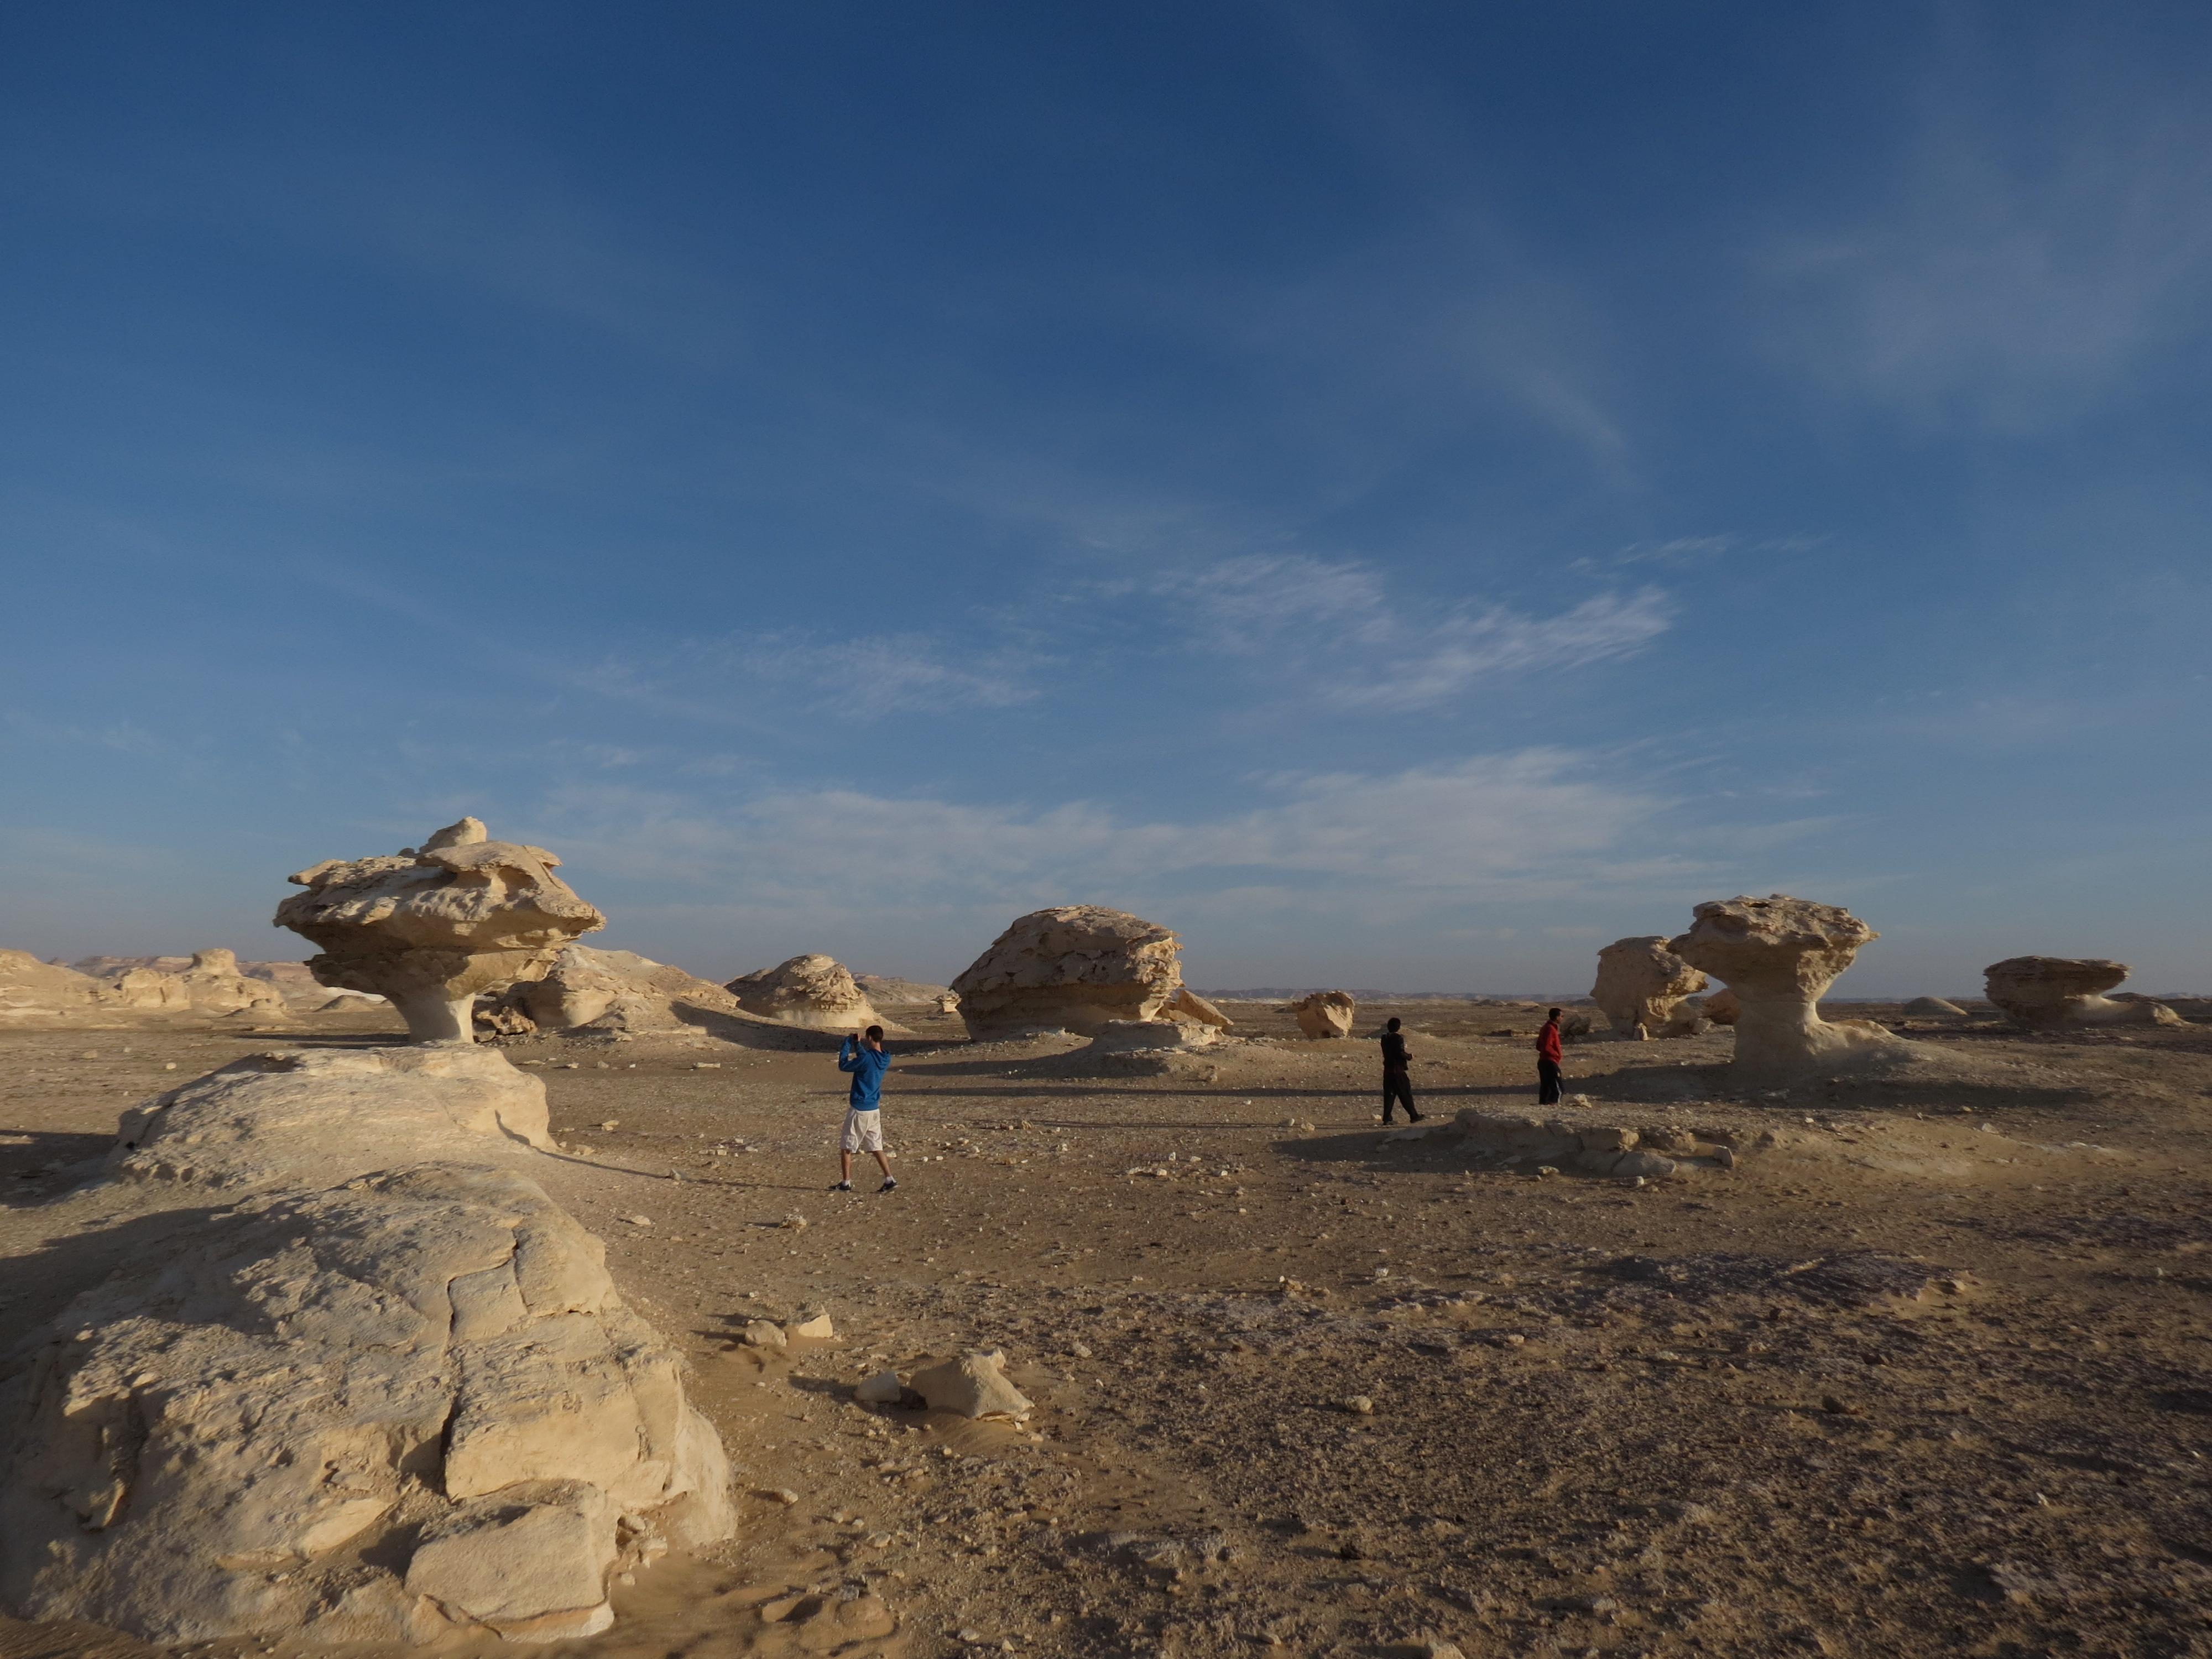 【i旅行】非洲之旅--埃及篇--黑白沙漠是什么